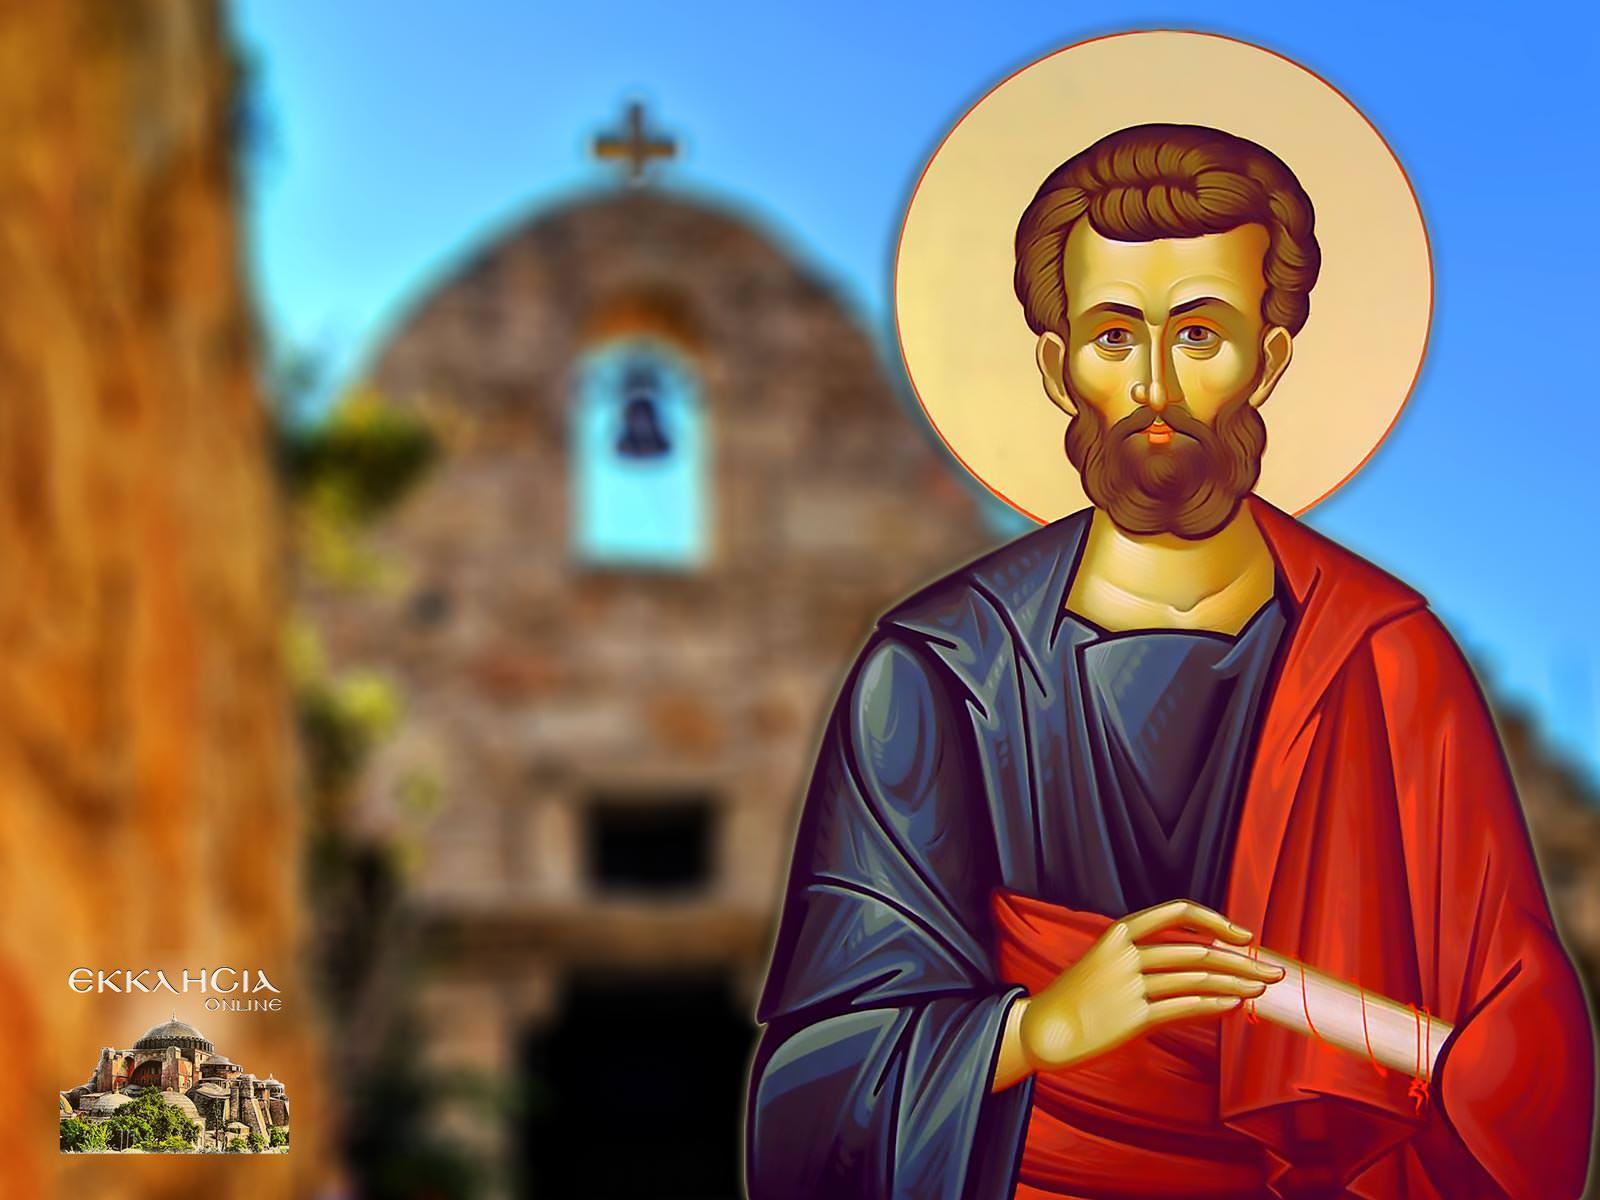 Άγιος Ιάκωβος Απόστολος 9 Οκτωβρίου